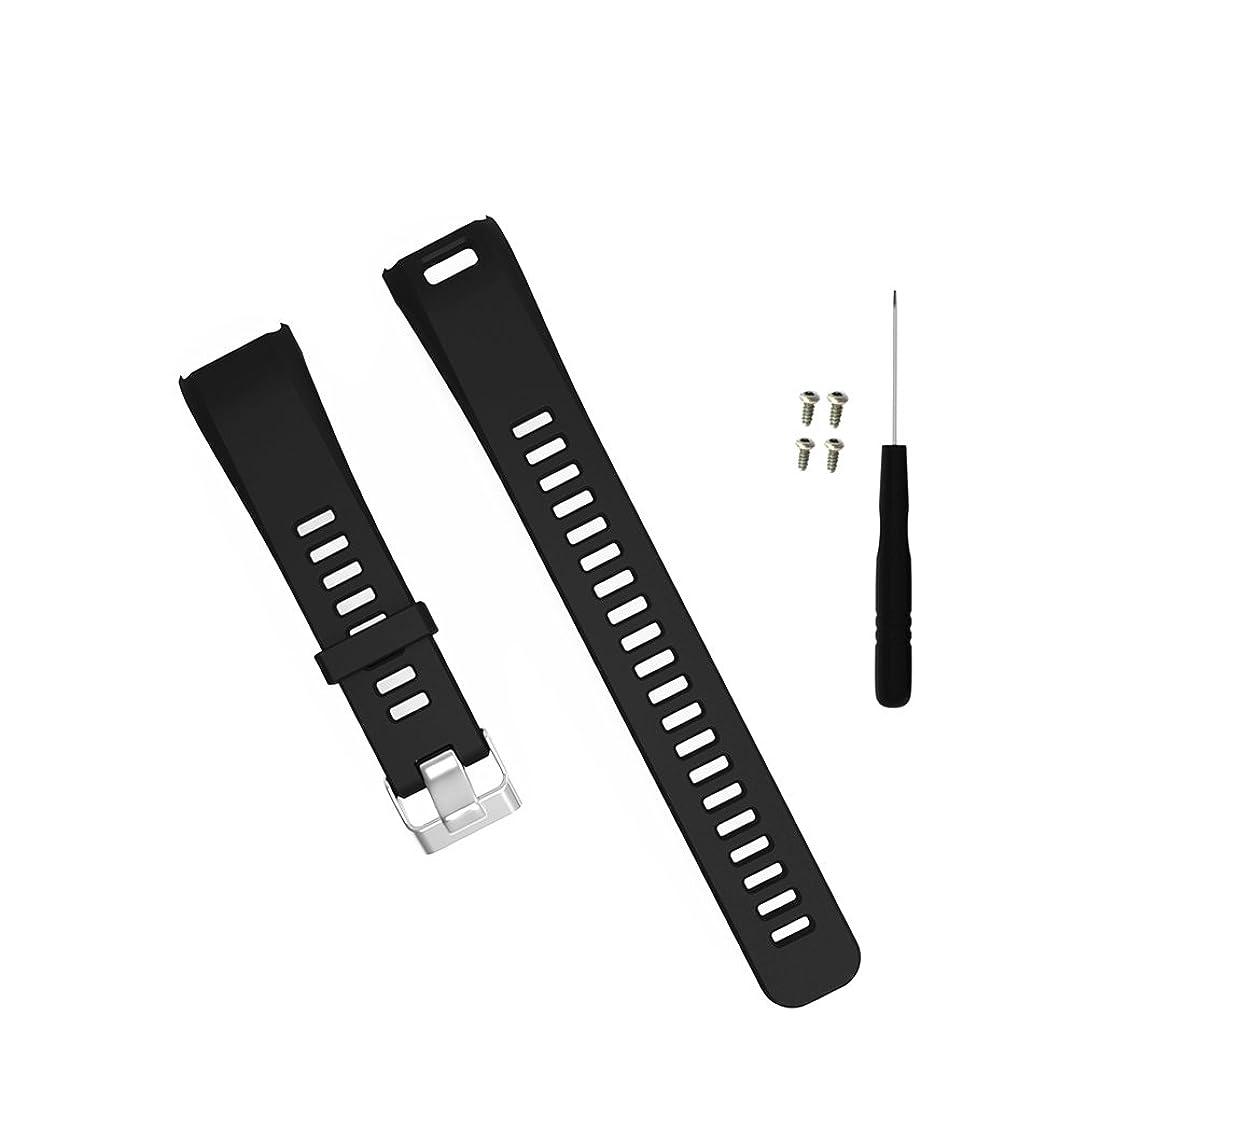 売るキャンベラネックレットXberstar Garmin vivosmart HR バンド 交換用ベルト スポーツバンド シリコン製 工具付 2サイズ 8色